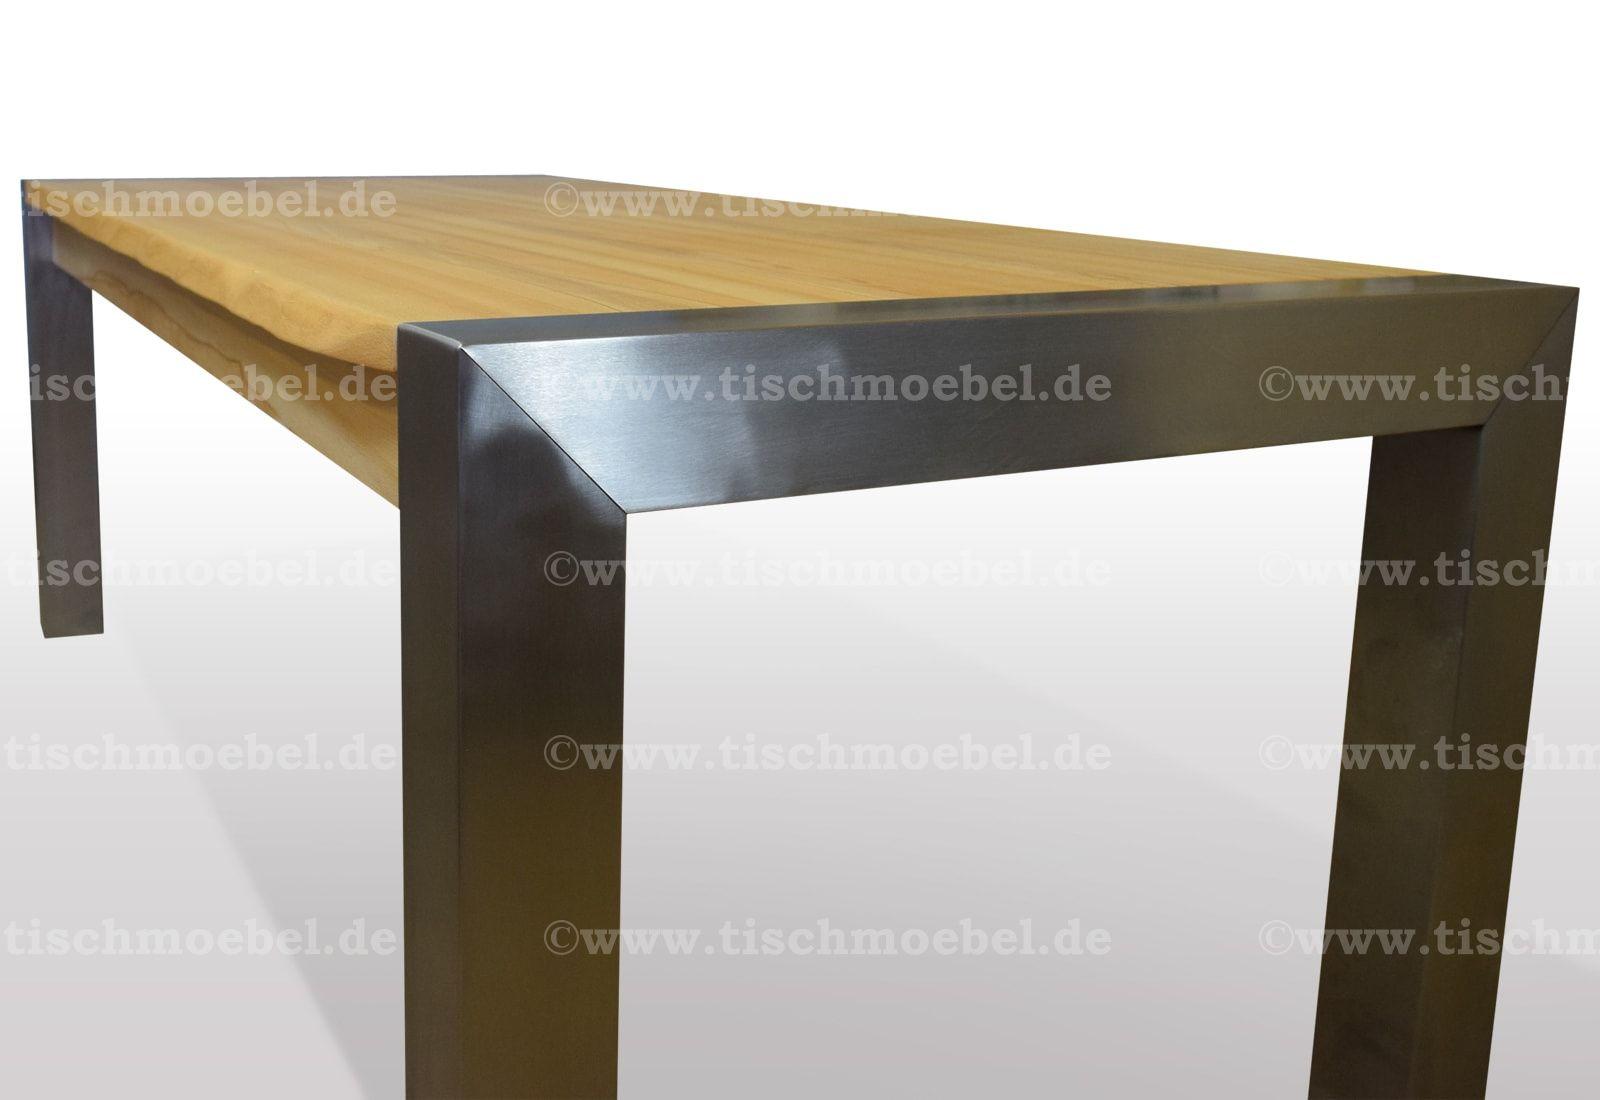 Tisch mit Baumkante Kernbuche Breite 90cm / Länge